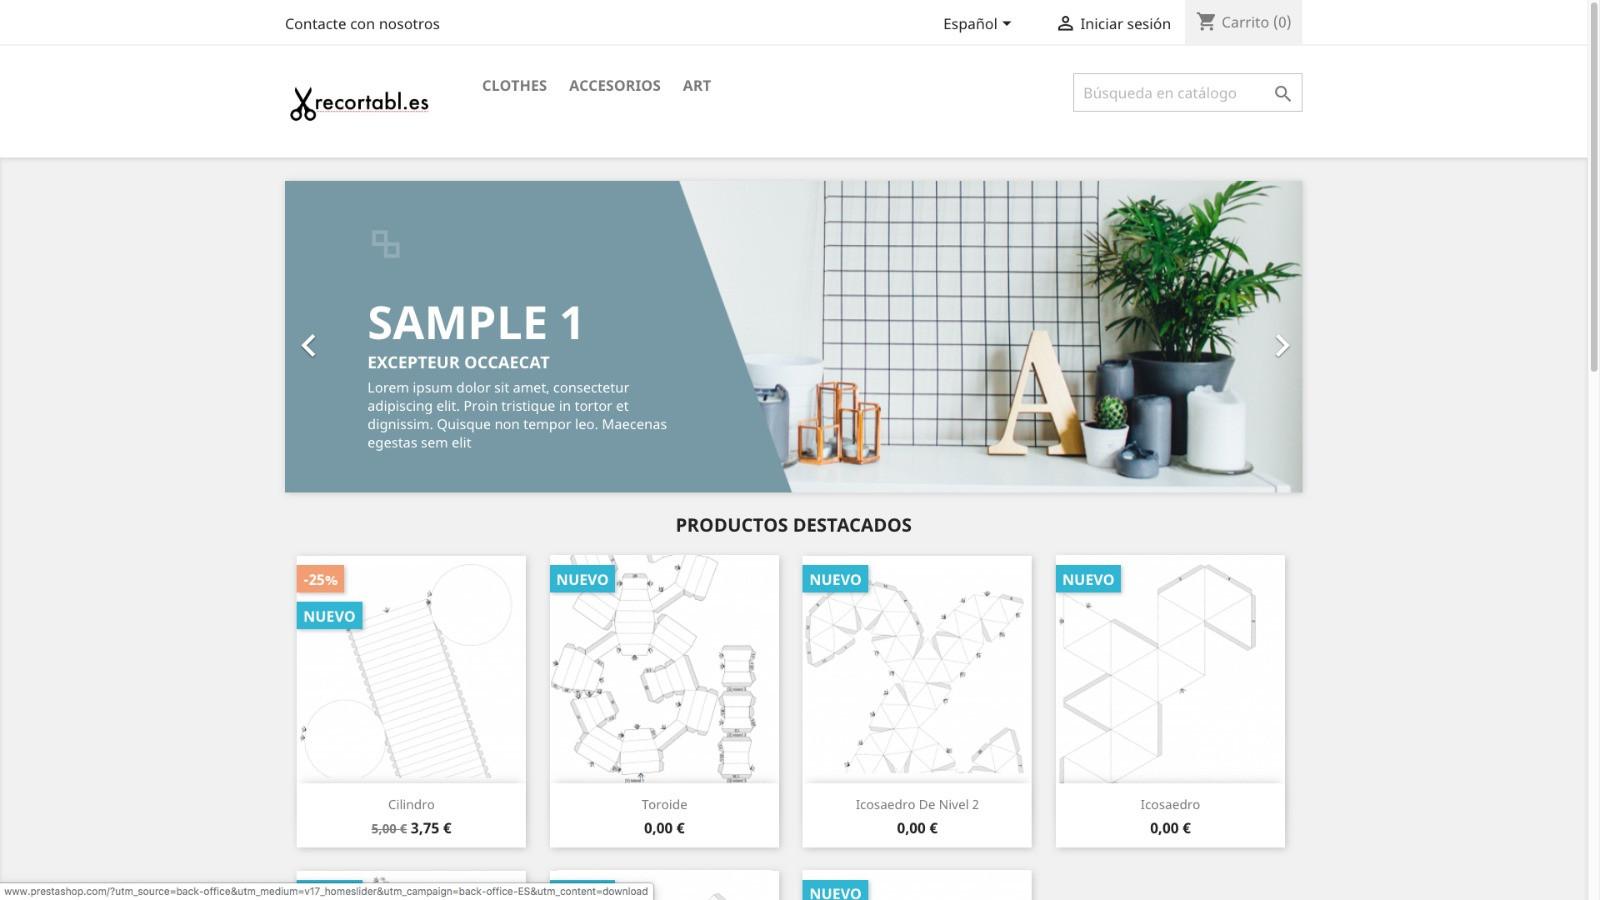 Imagen del curso de creación de tienda online con Prestashop